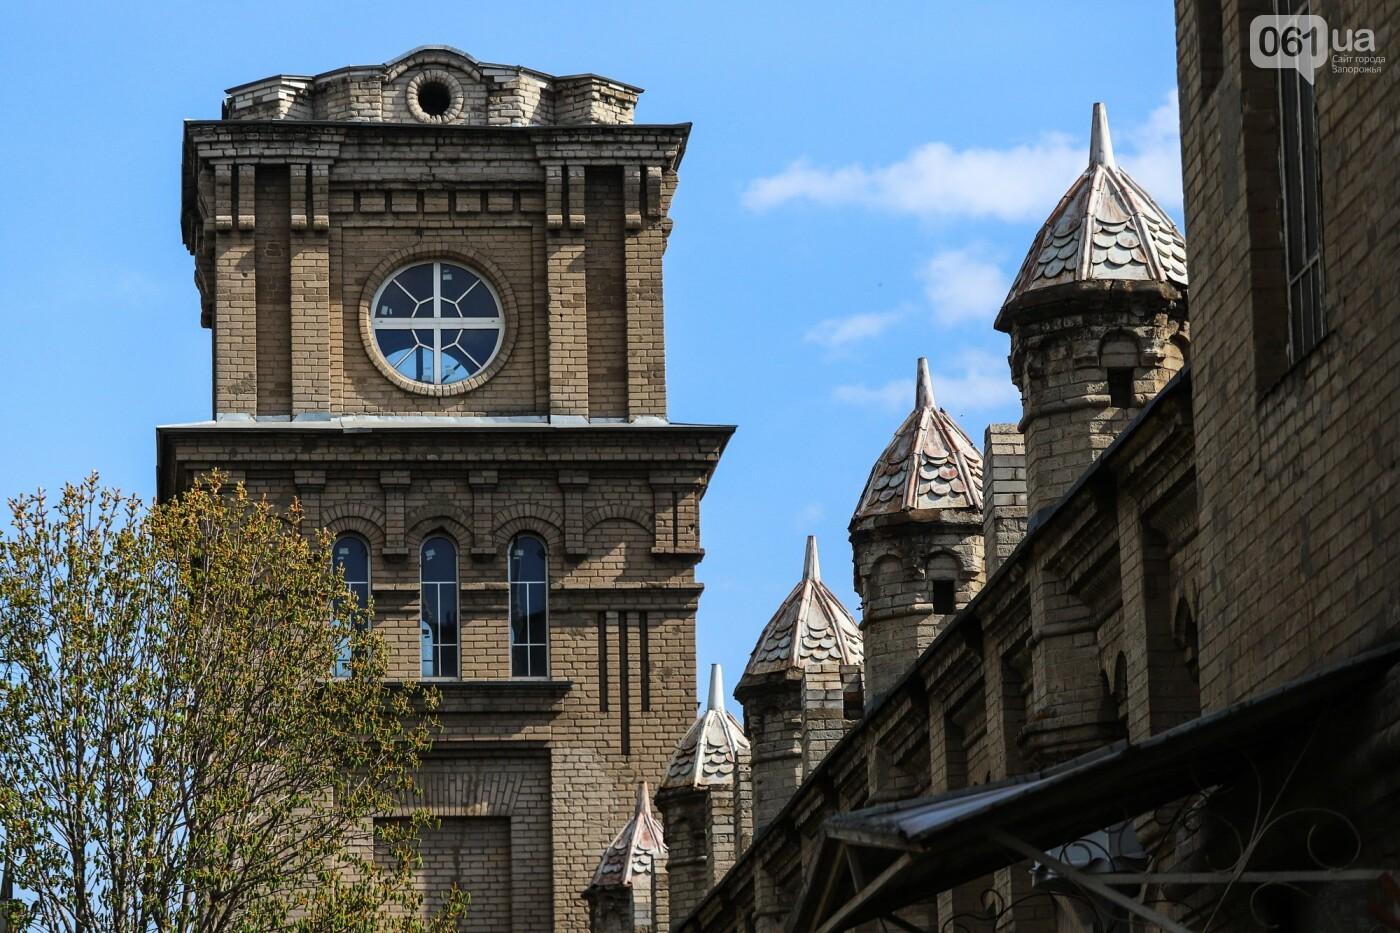 Памятники Старого Александровска: как сейчас выглядит здание первой в городе электростанции, - ФОТО, фото-6